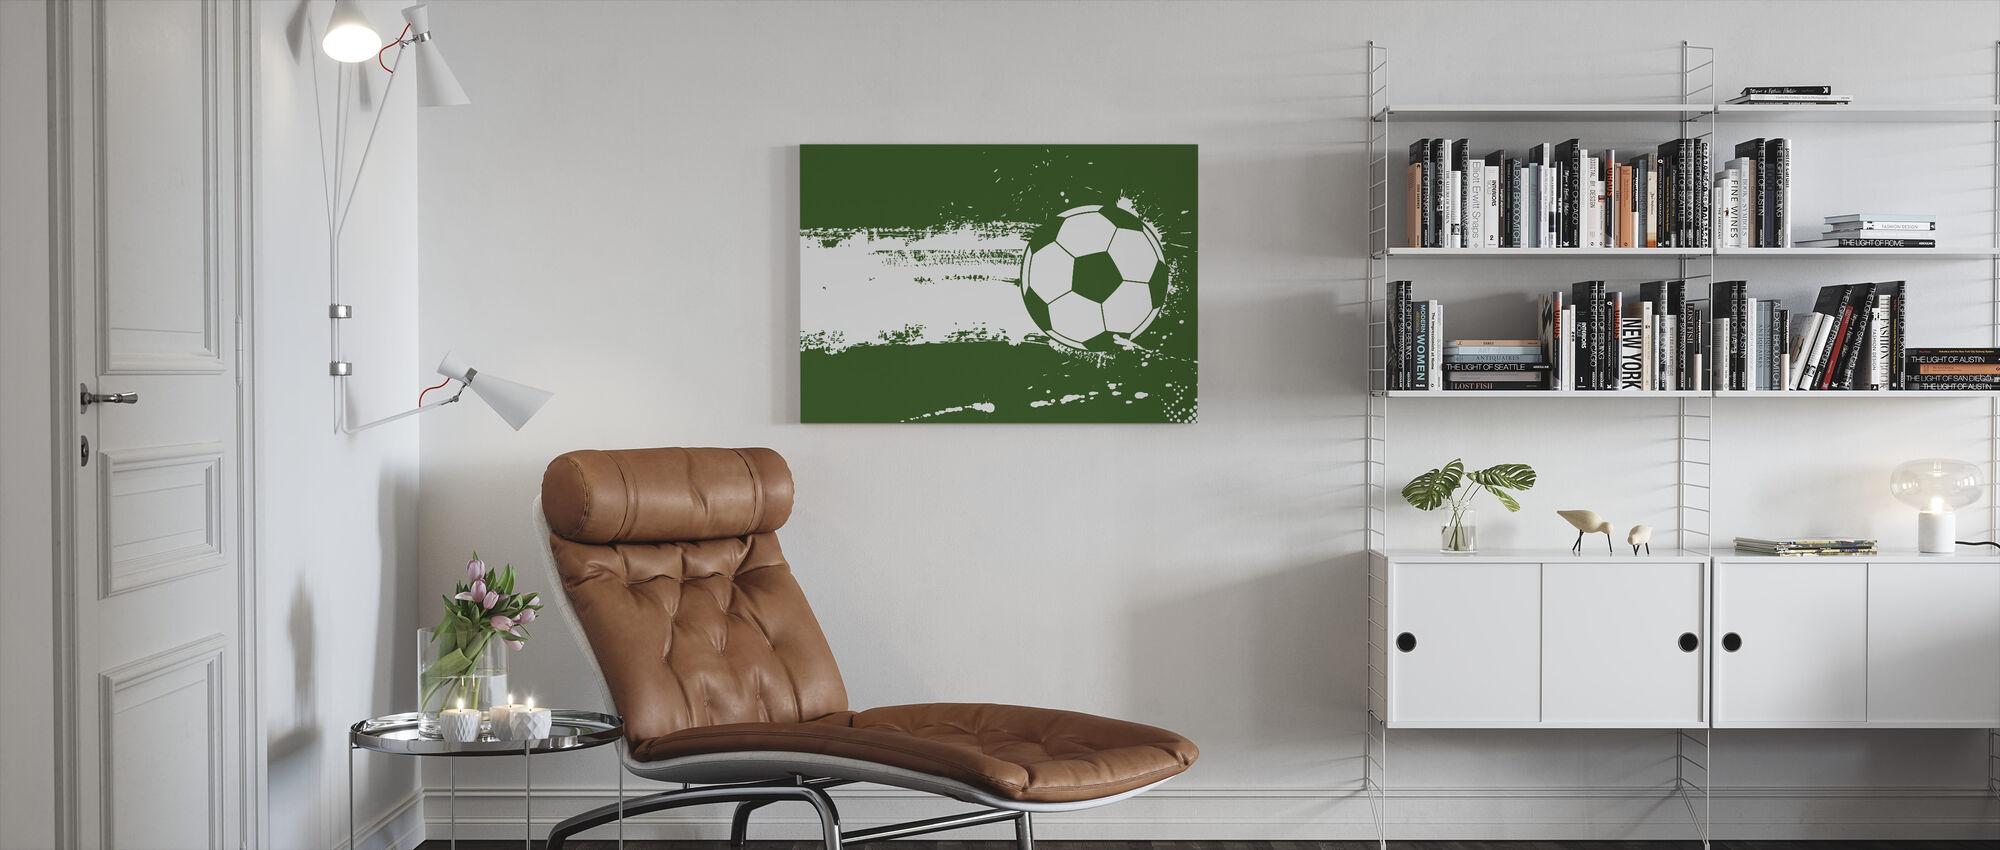 Groen Voetbal - Canvas print - Woonkamer